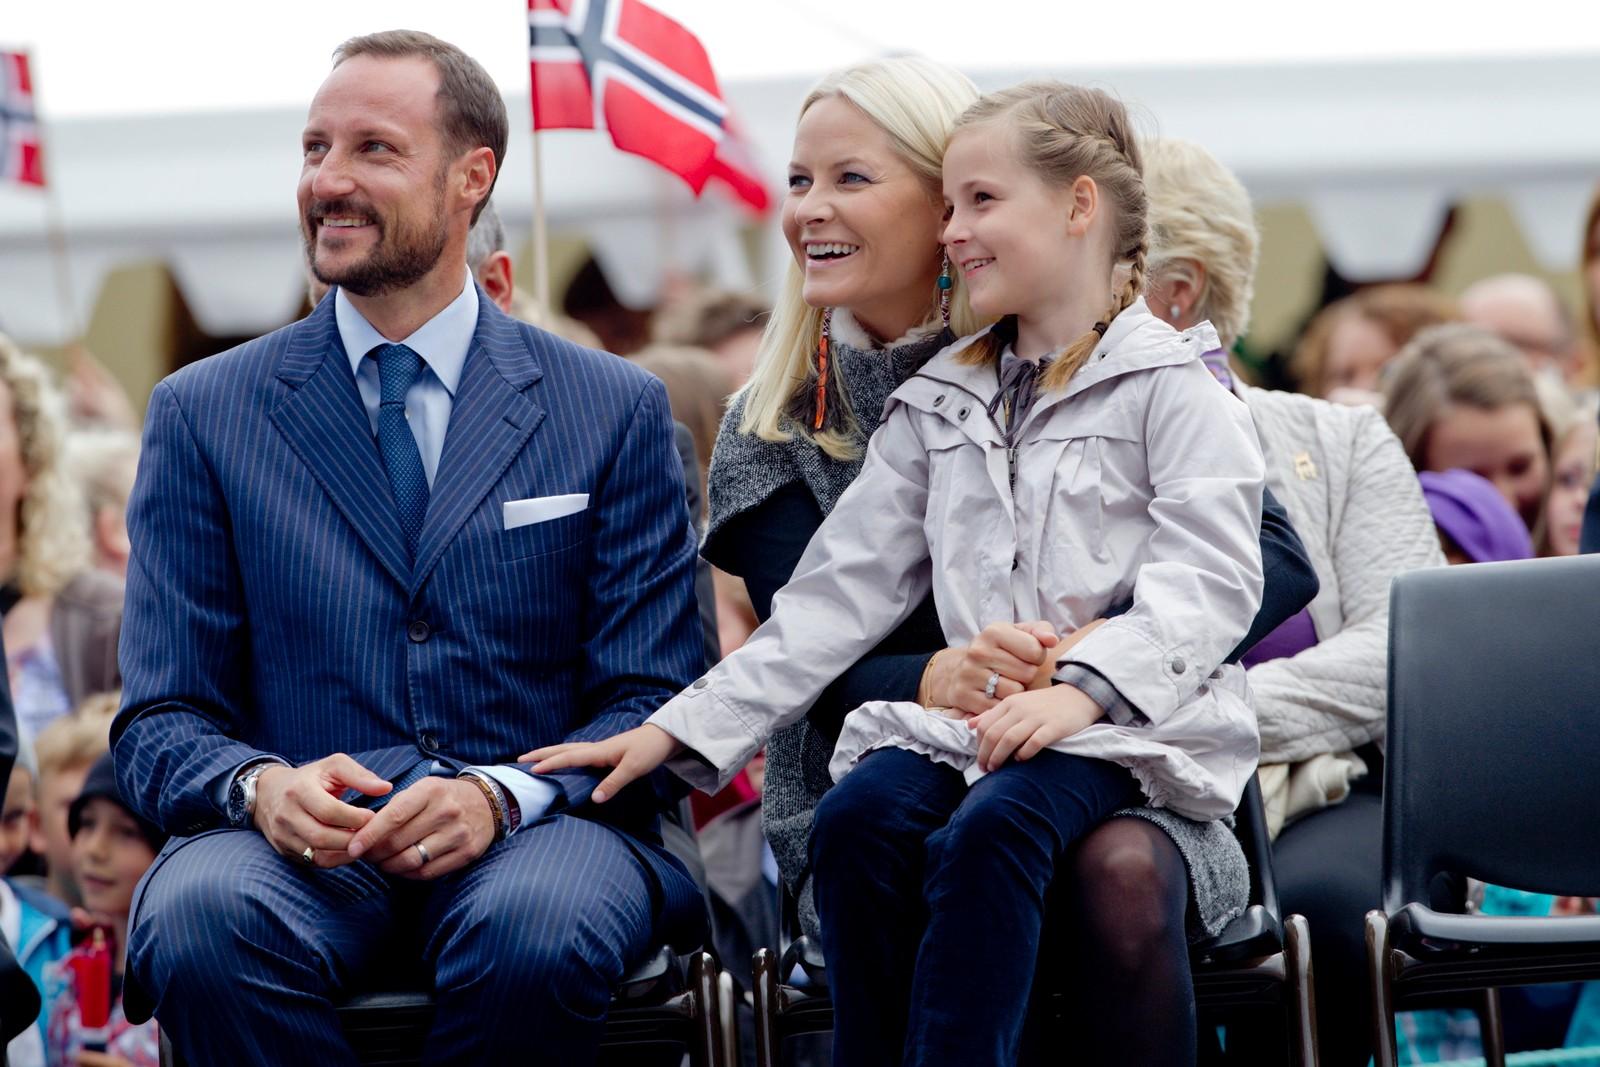 8 år: Det var skulestreik i 2012, så prinsesse Ingrid Alexandra fekk arbeidspraksis i staden. Ho blei med mor og far på fylkestur til Møre og Romsdal. Her i Fosnavåg.